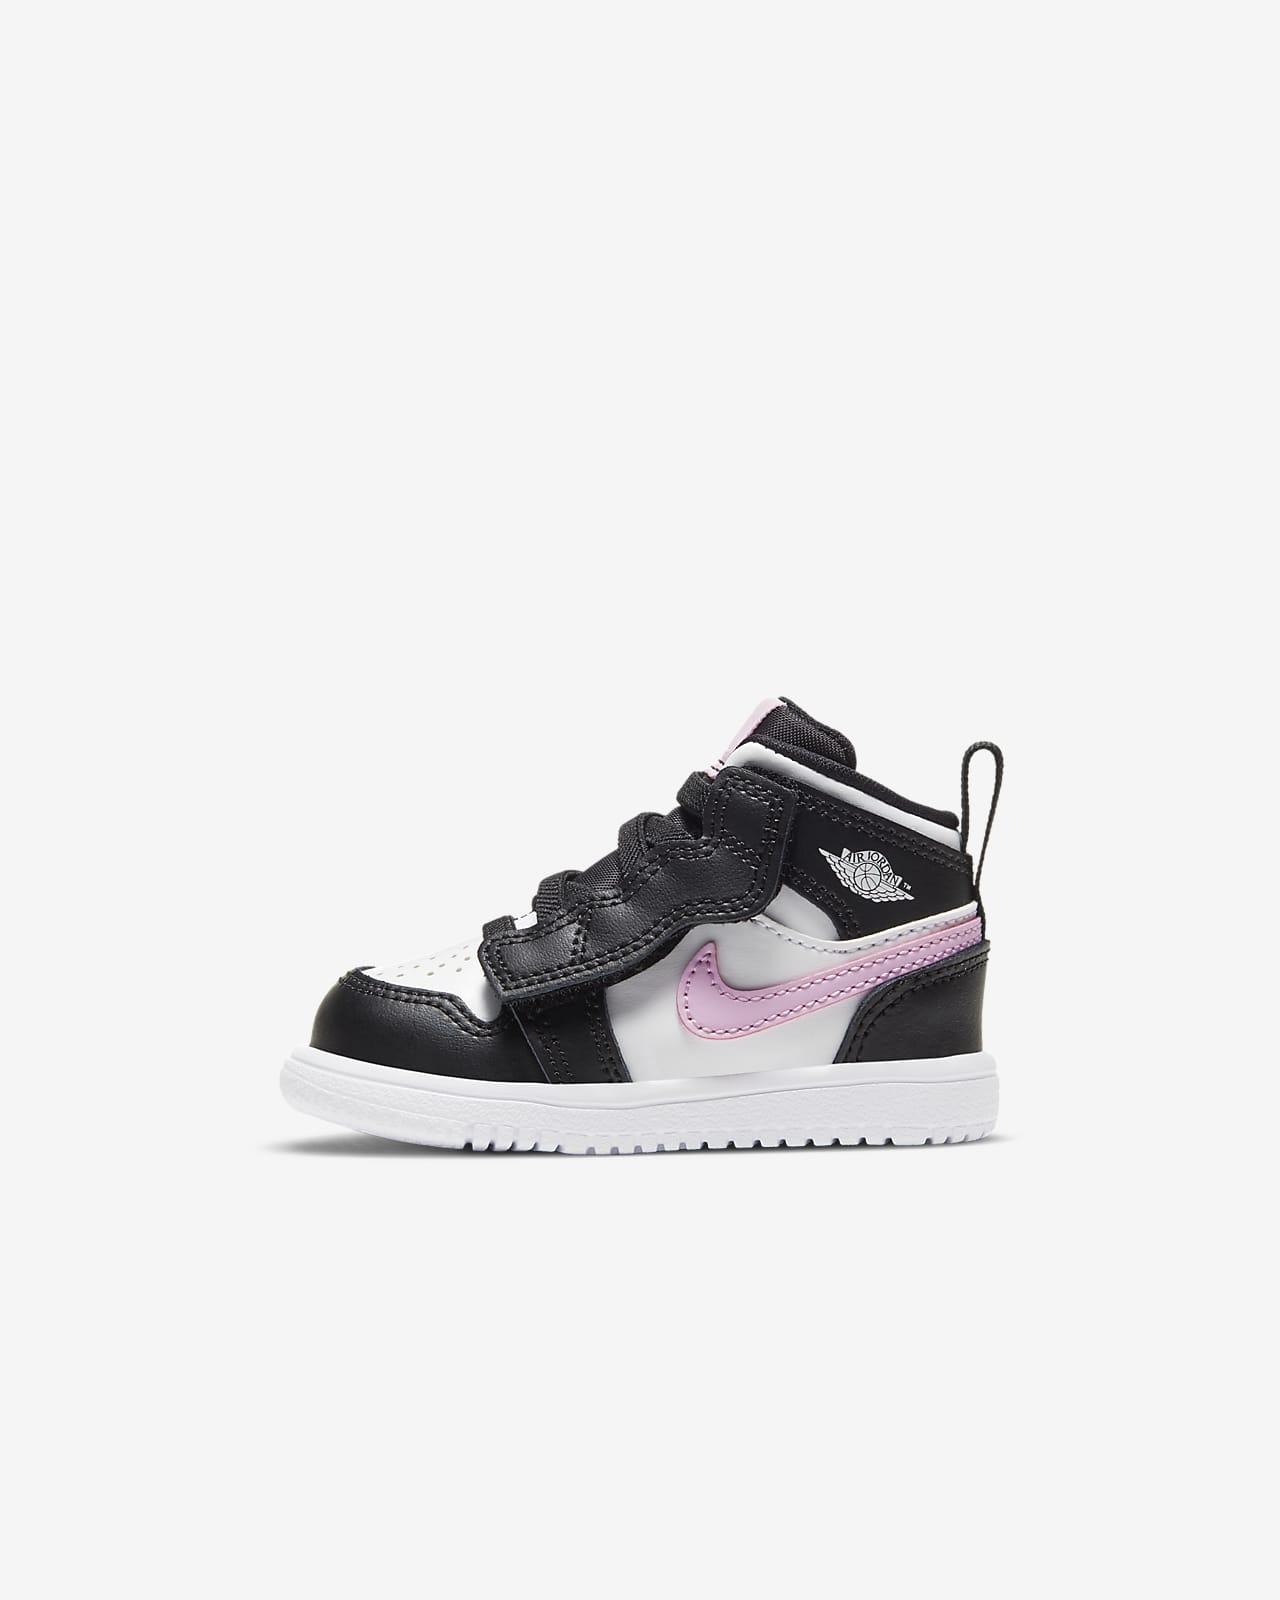 Jordan 1 Mid Alt Infant/Toddler Shoe